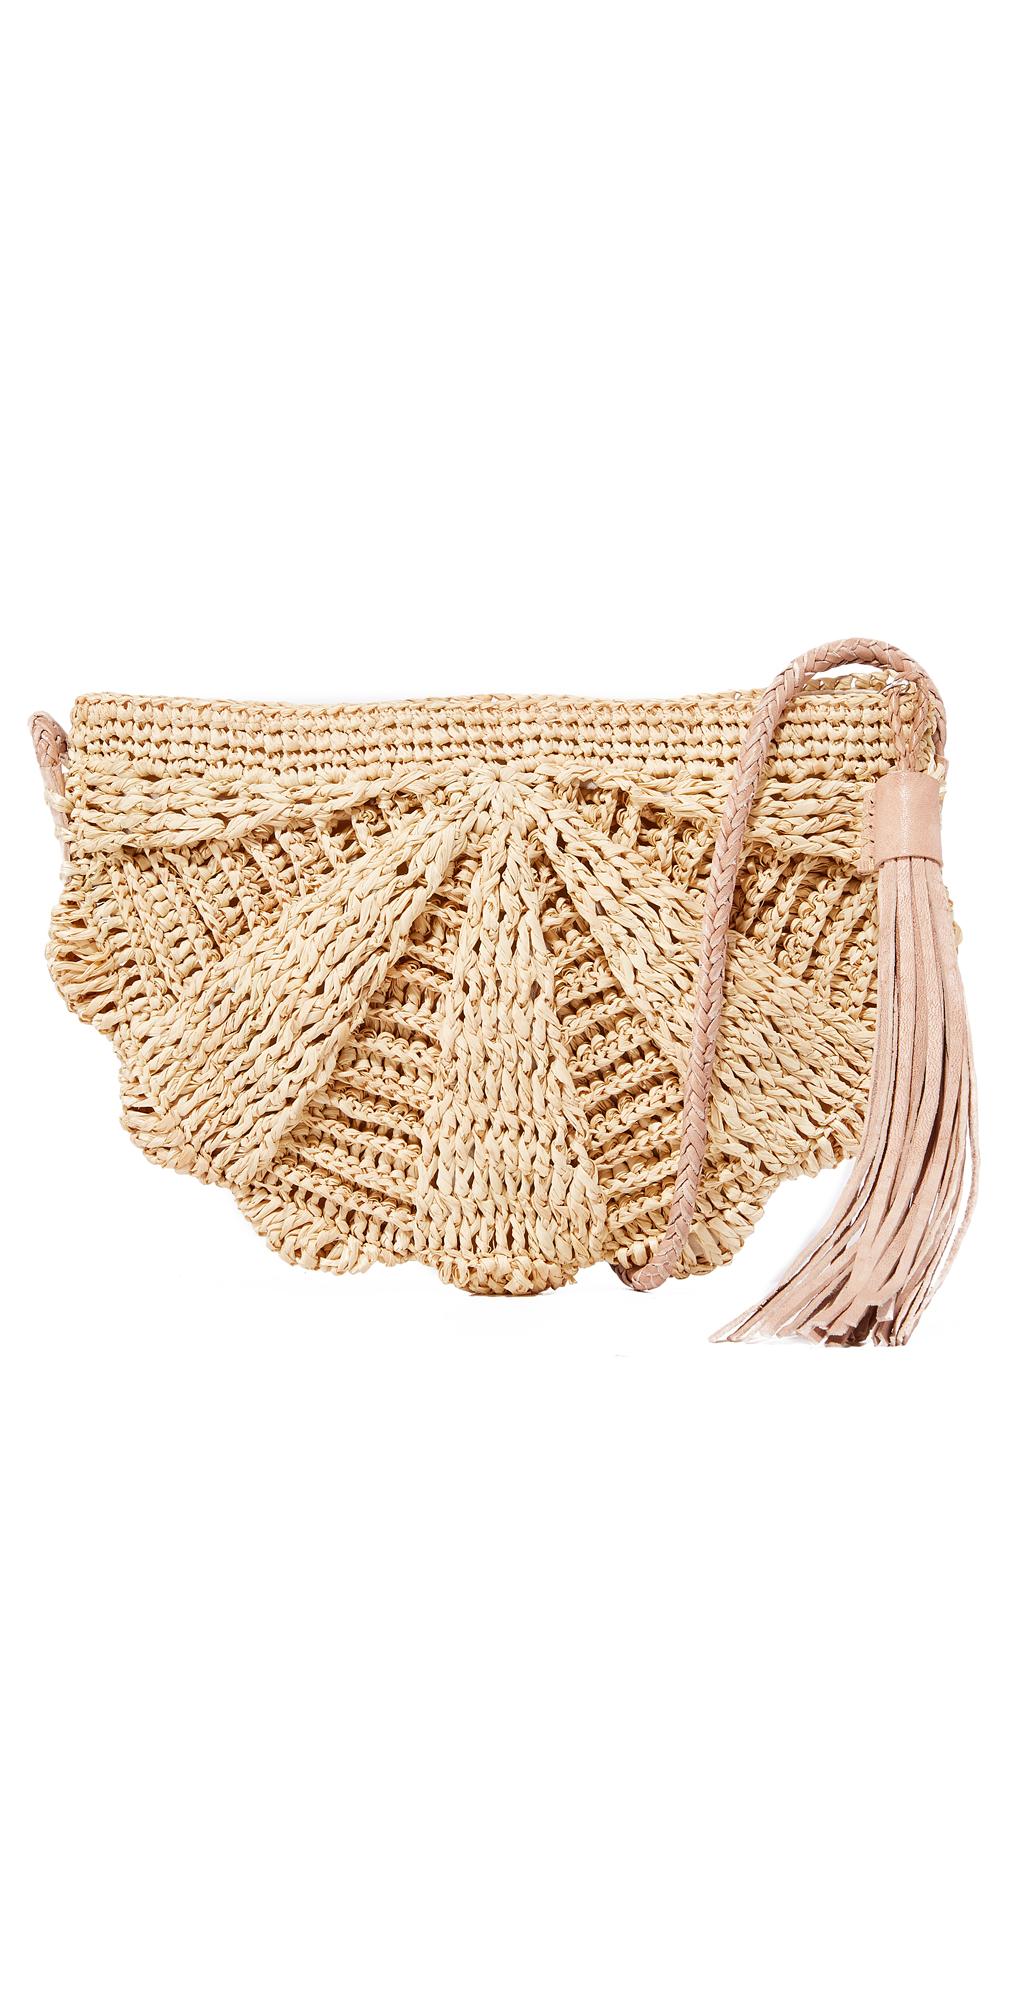 Zoe Cross Body Bag Mar Y Sol